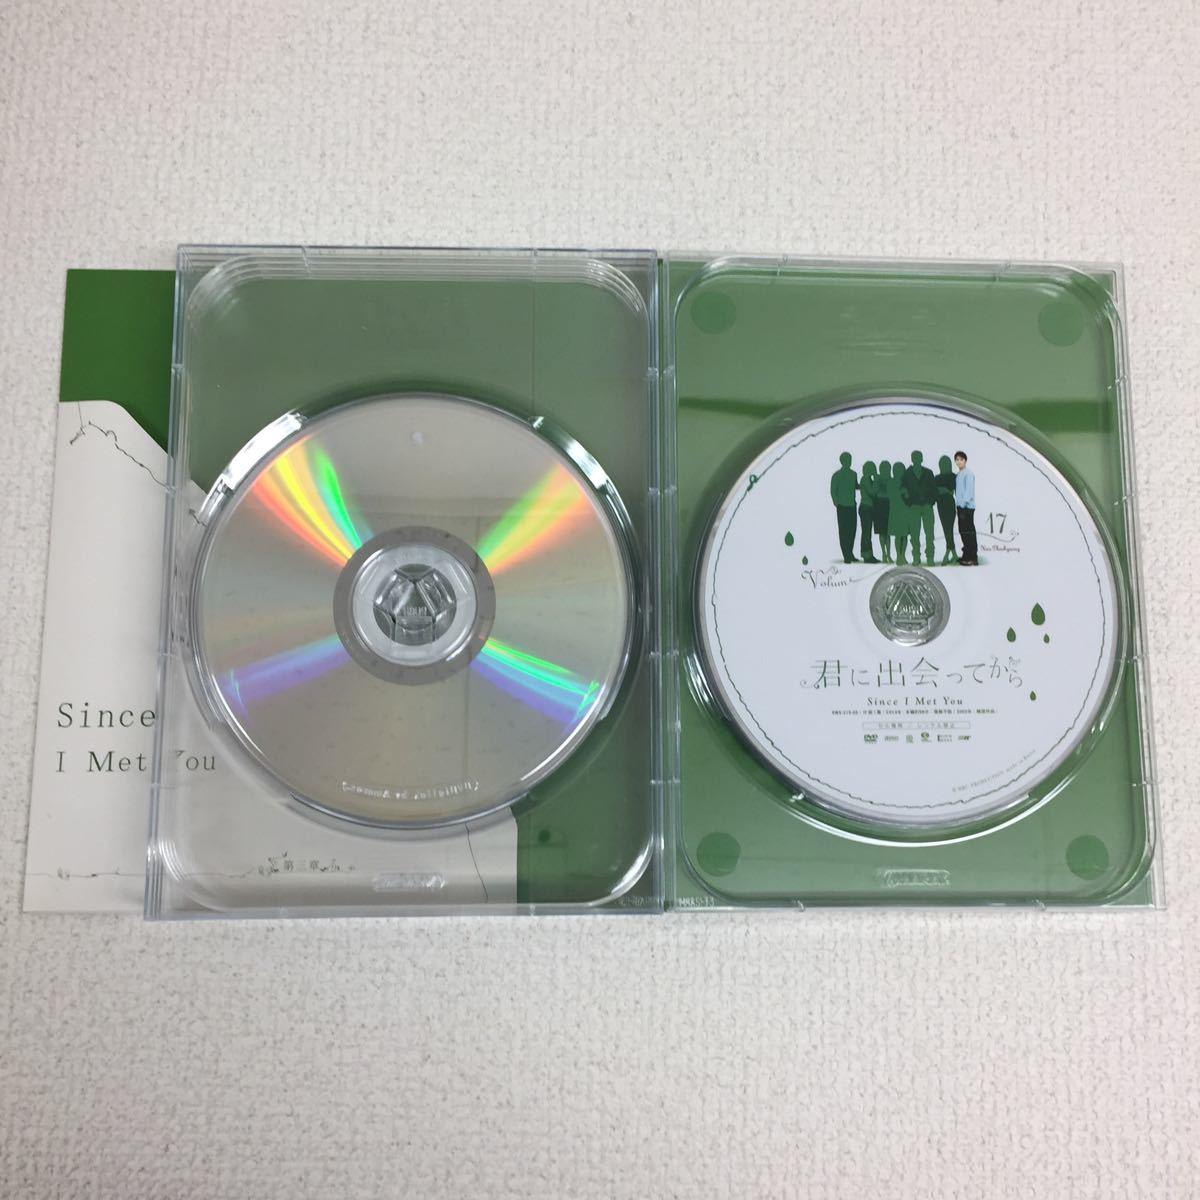 君に出会ってから 第三章 DVD-BOX 3 セル版 6枚組 韓国 ドラマ 韓流 日本語字幕 チョン・ソンジュ パク・ジョン リュ・シウォン_画像8